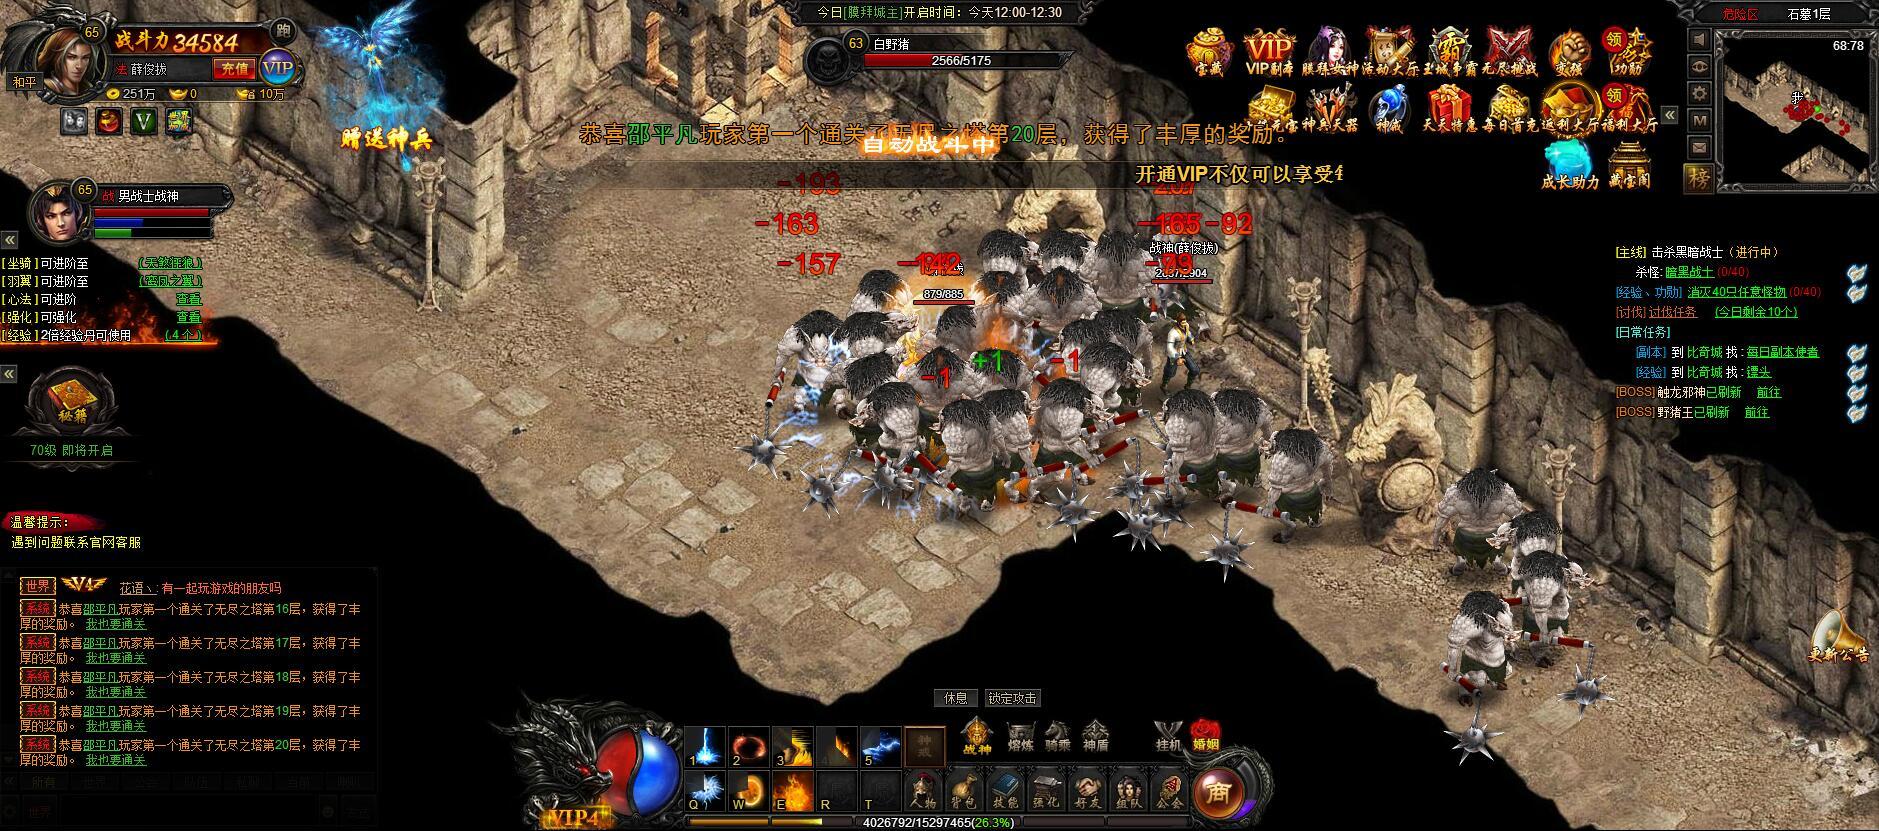 征战王城游戏截图3